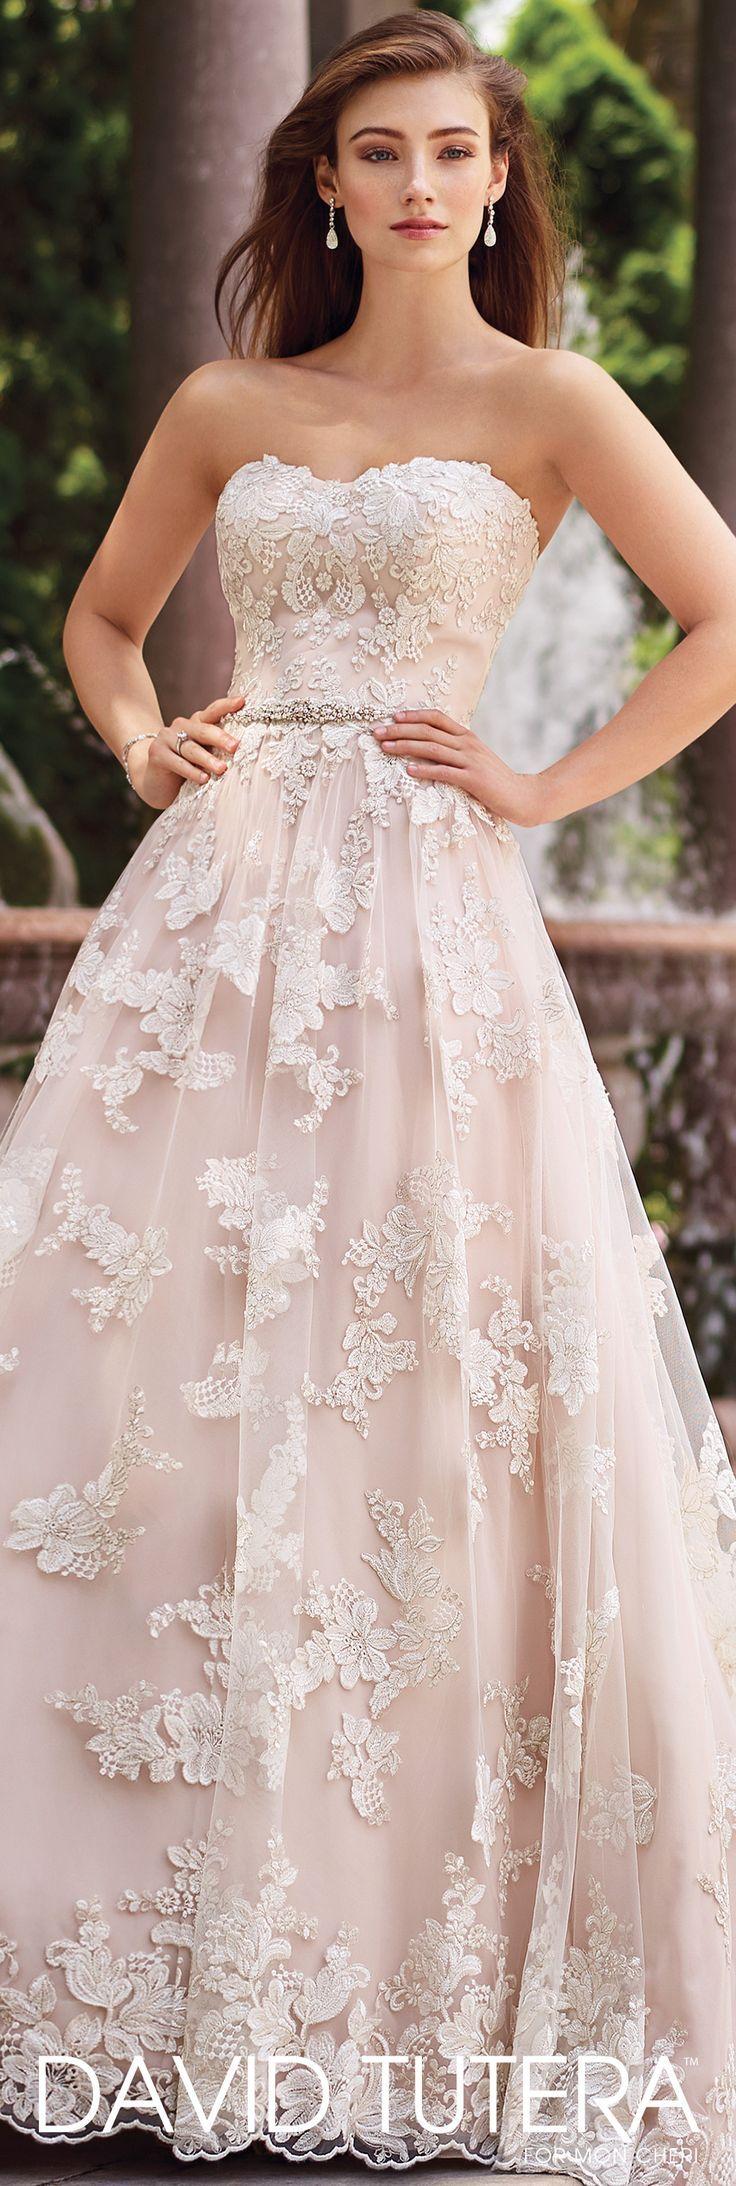 Hand Beaded Lace A Line Wedding Dress 117276 Tala